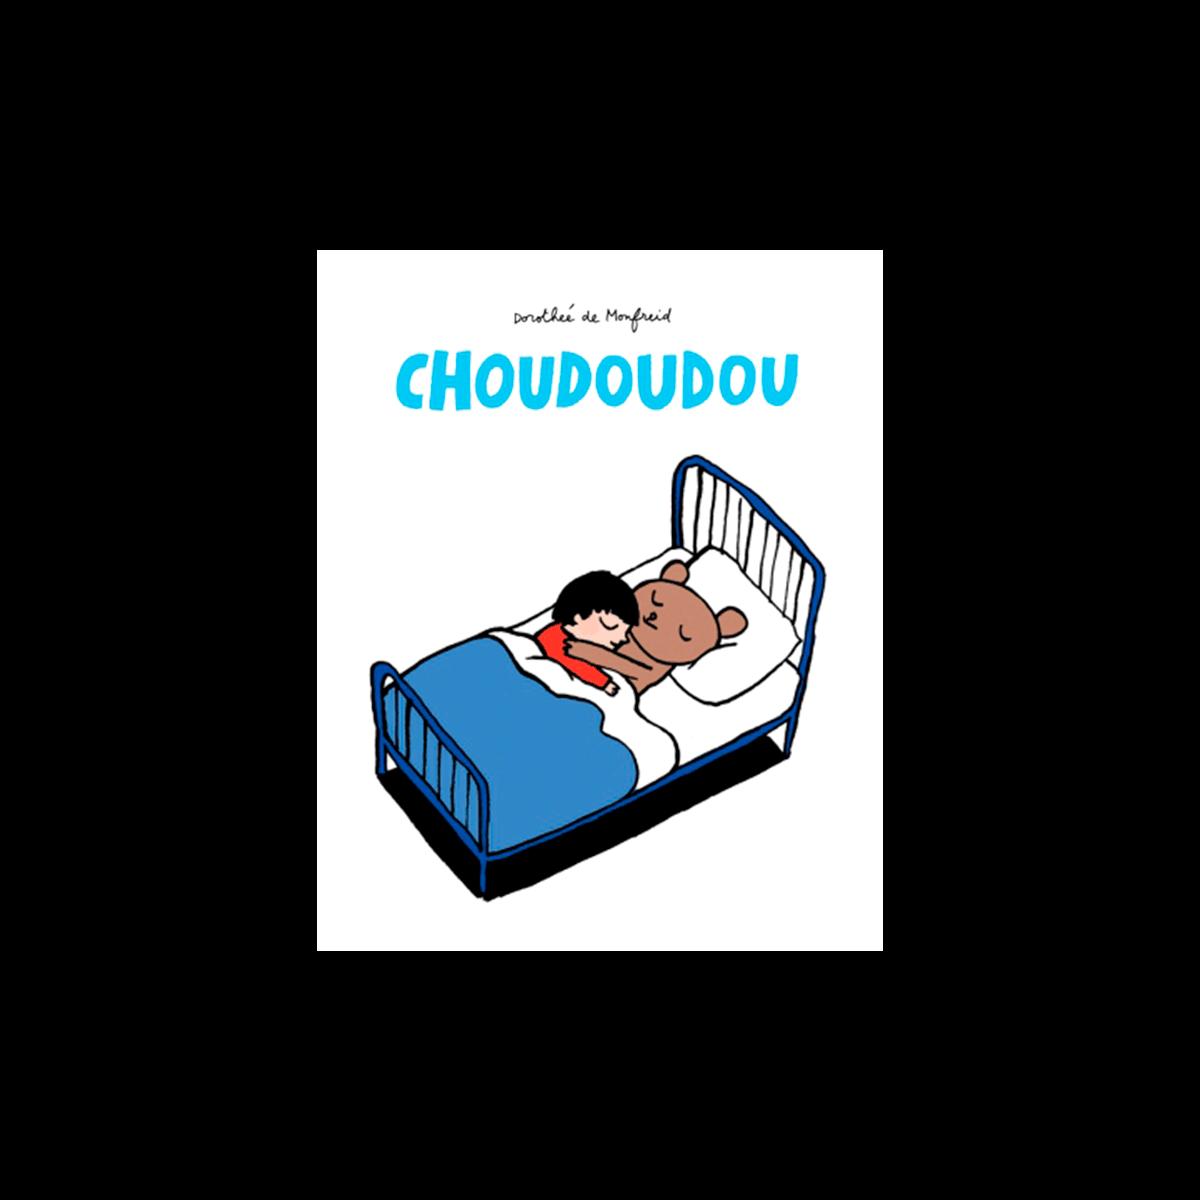 choudoudou-couv2